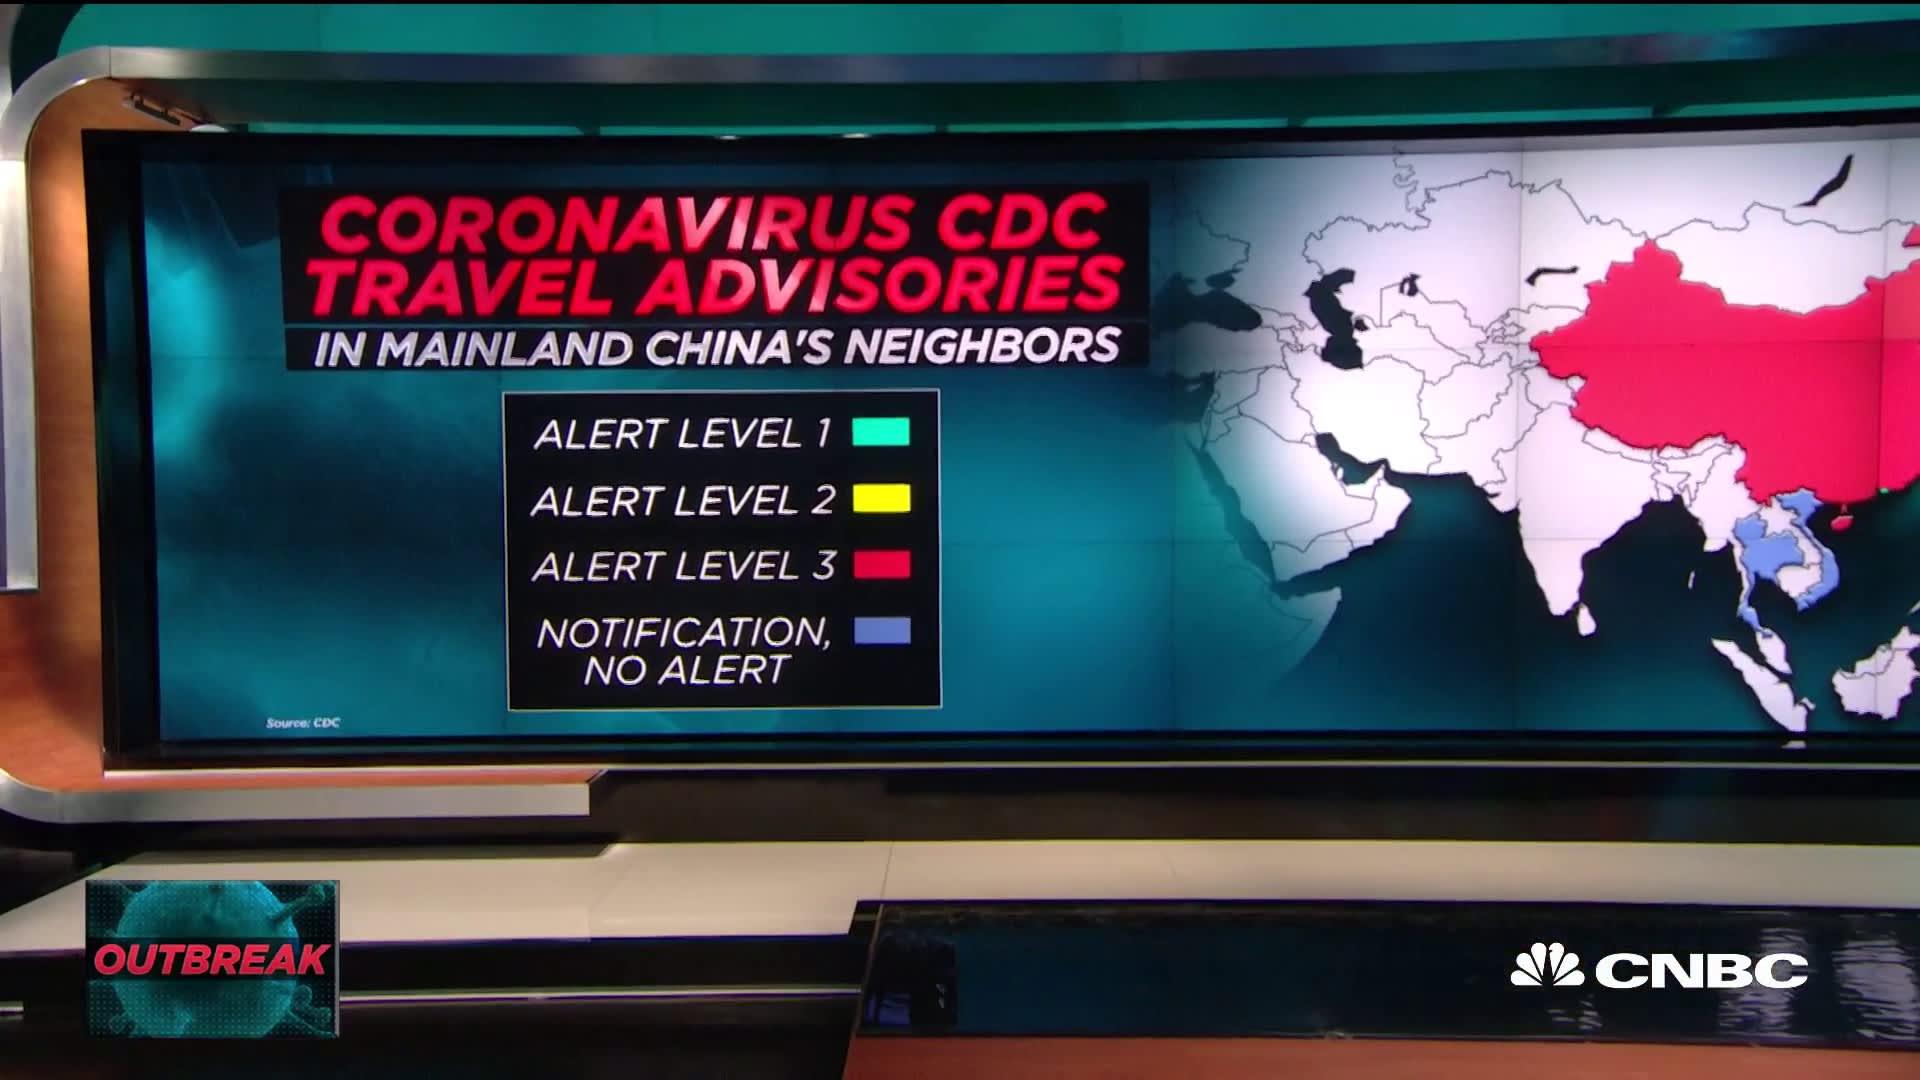 coronavirus cdc level